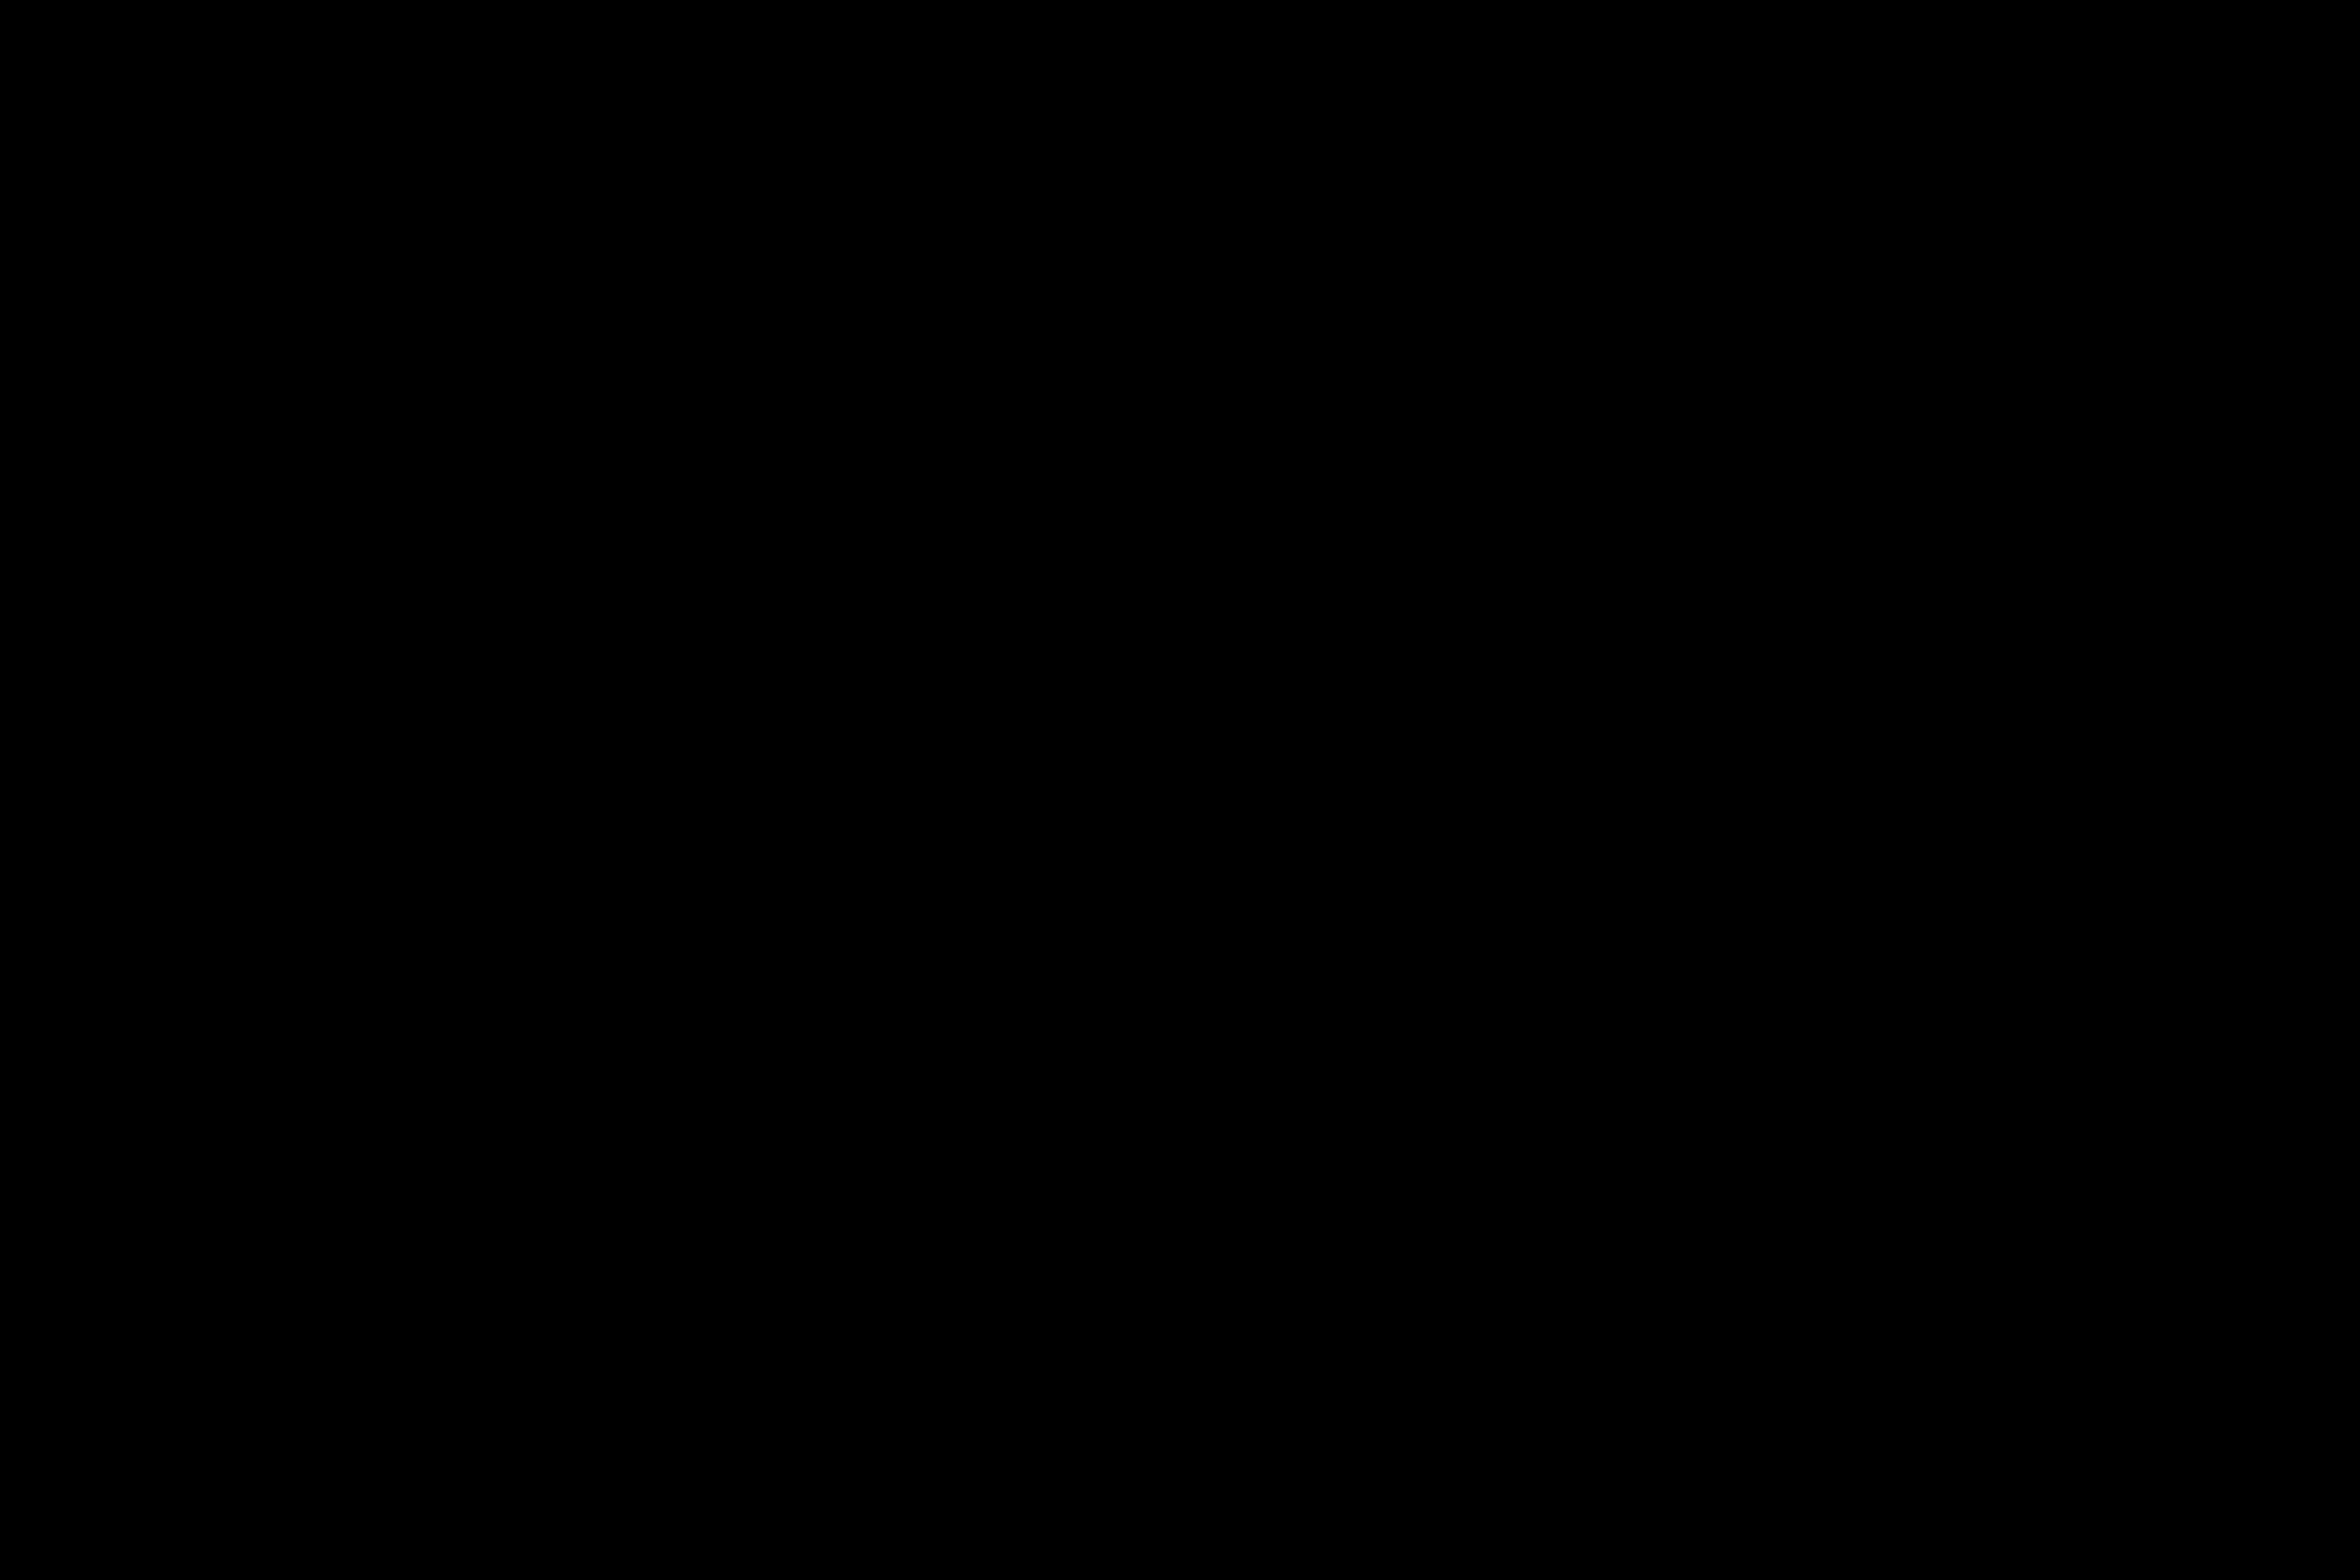 160521-bht-41